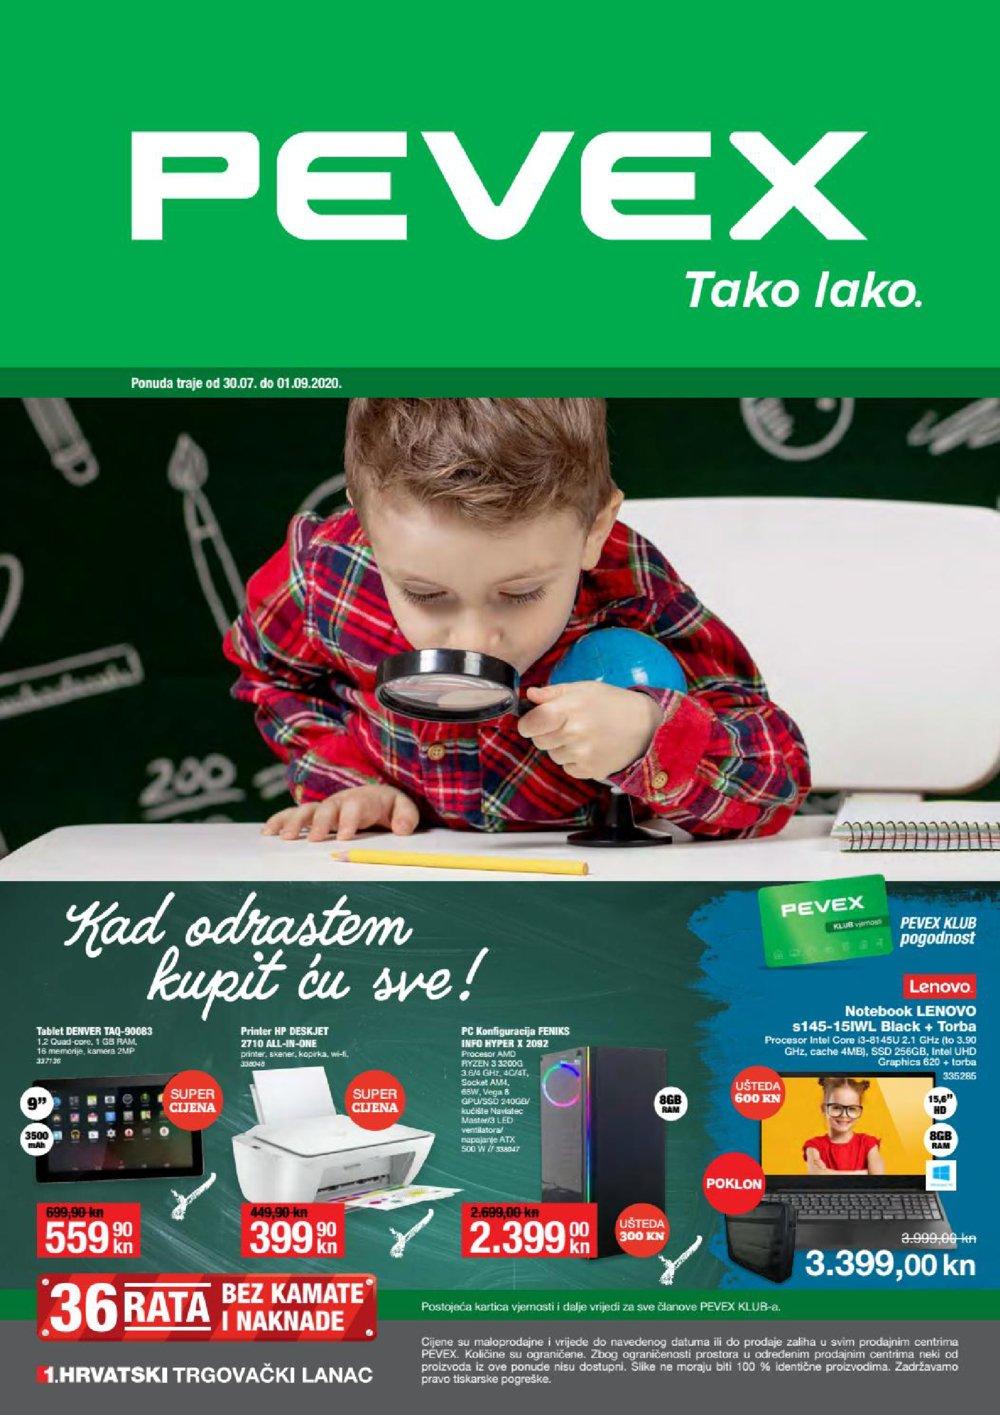 Pevex katalog Kad odrastem, kupit ću sve 30.07.-01.09.2020.